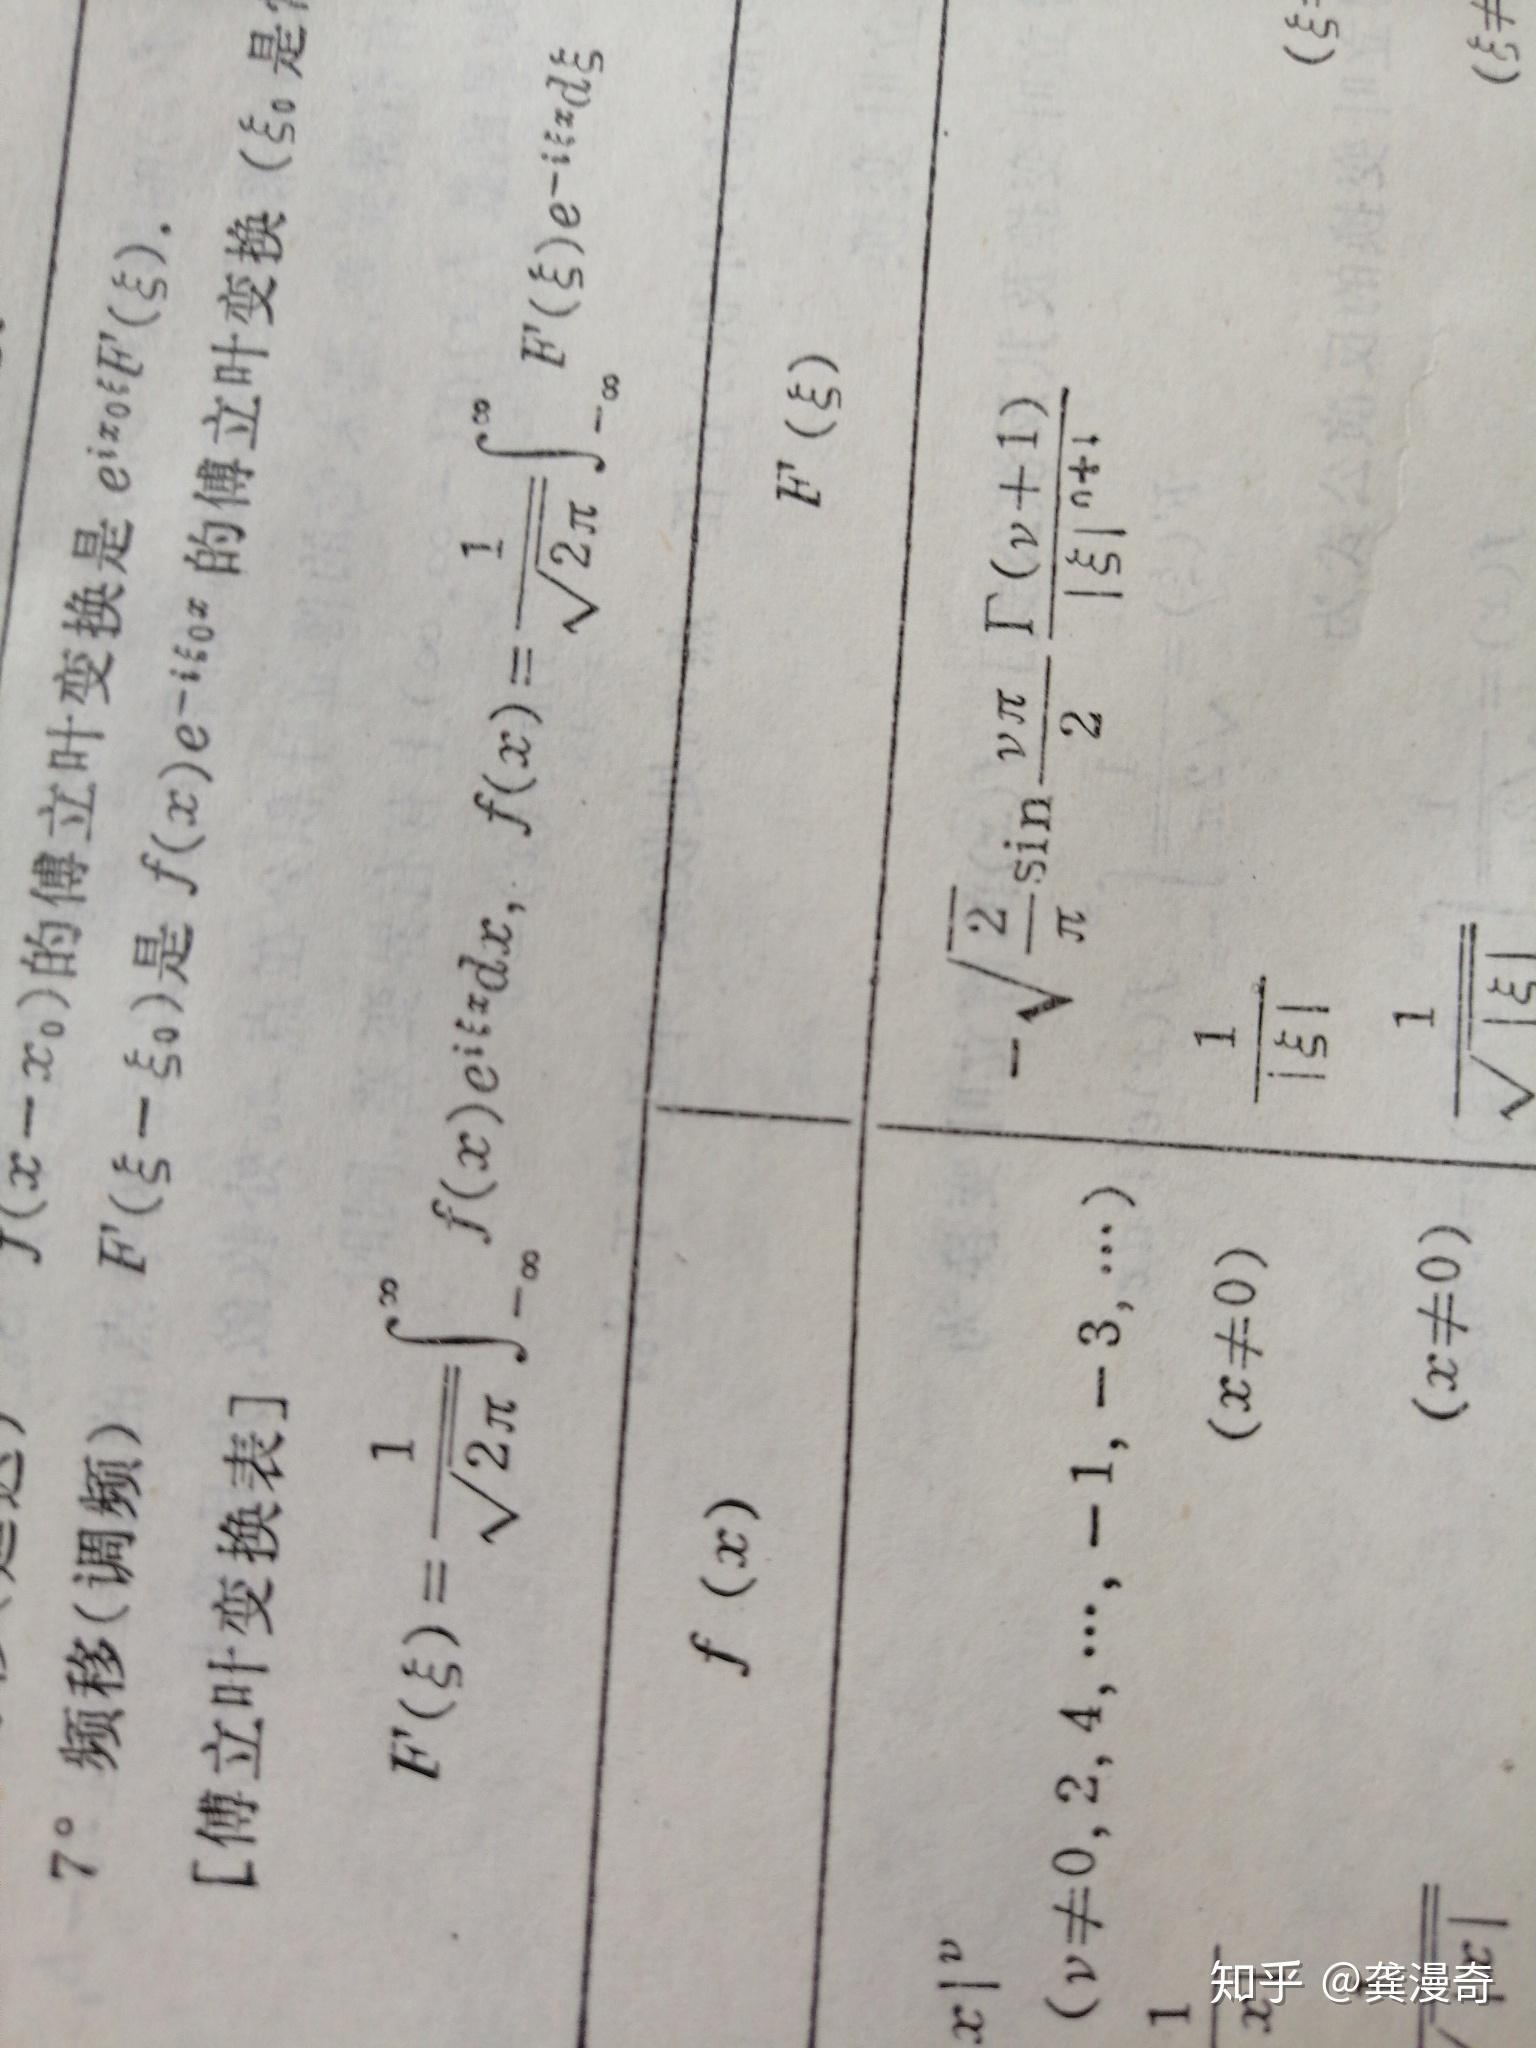 什么是傅立叶变换_傅里叶级数,傅立叶积分与傅立叶变换三个概念究竟都在做什么 ...